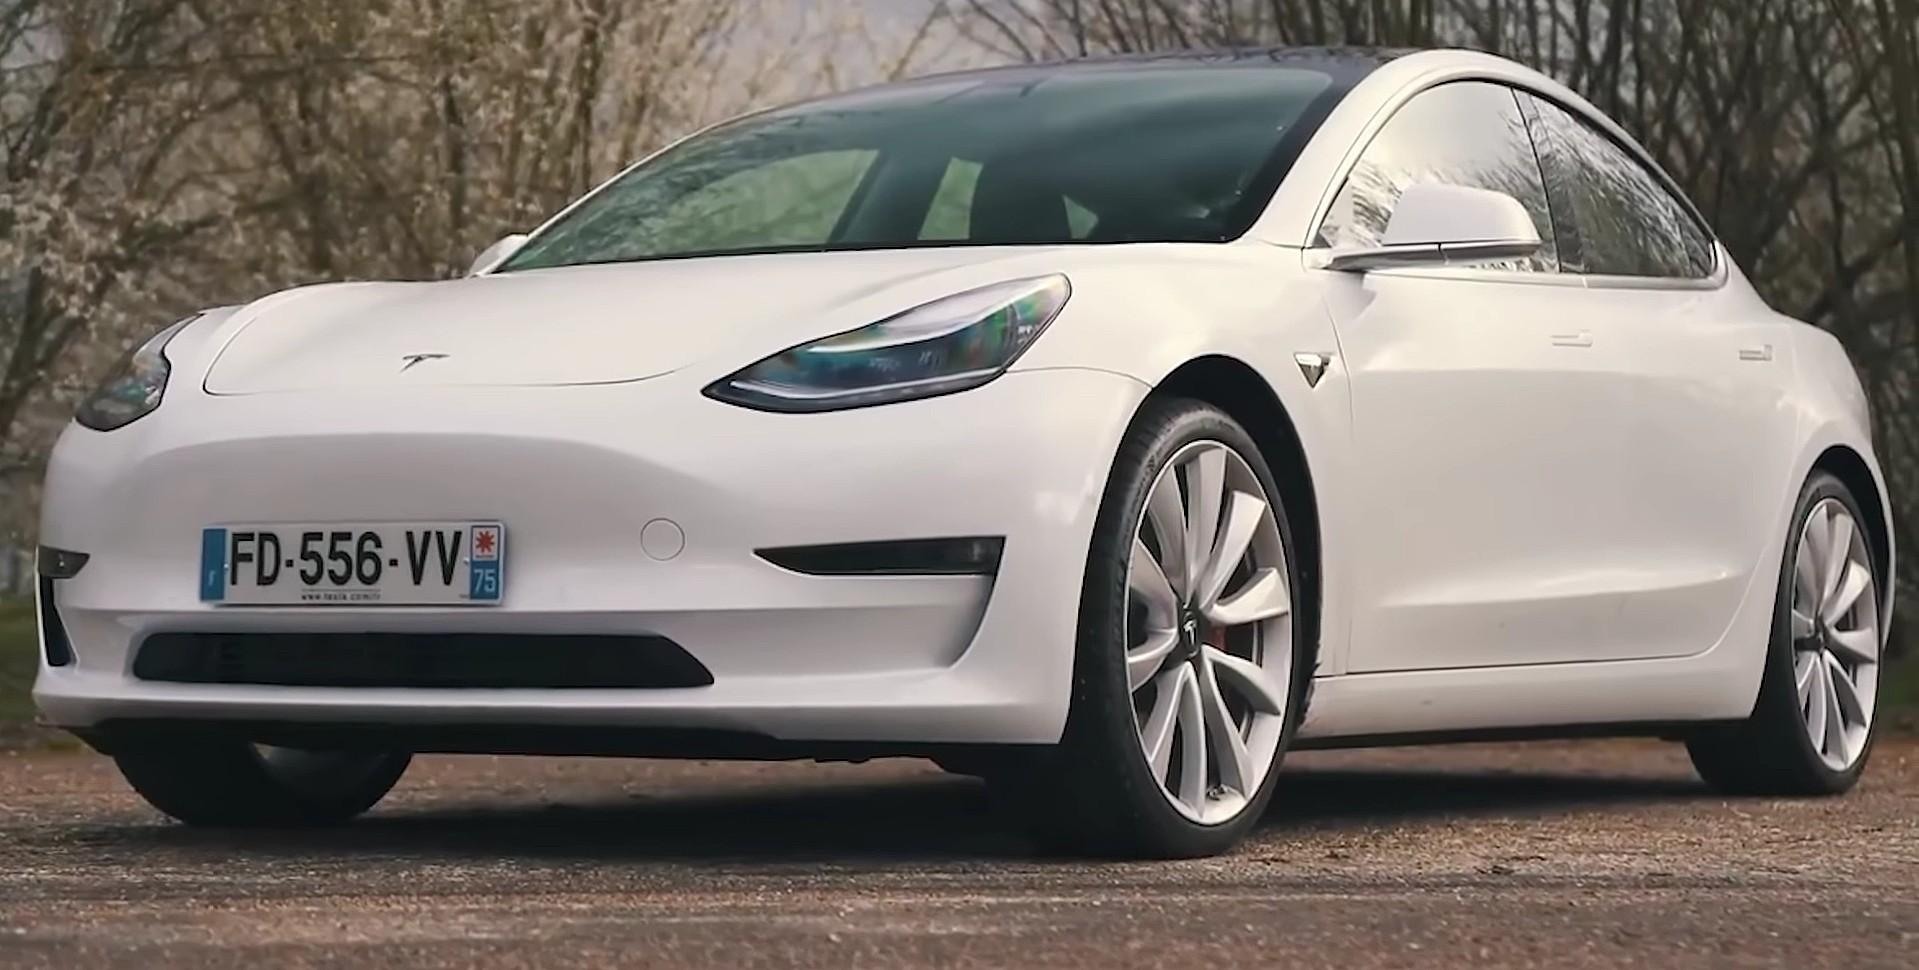 In Sud Corea una Tesla Model 3 costa meno di 27 mila dollari grazie agli incentivi statali